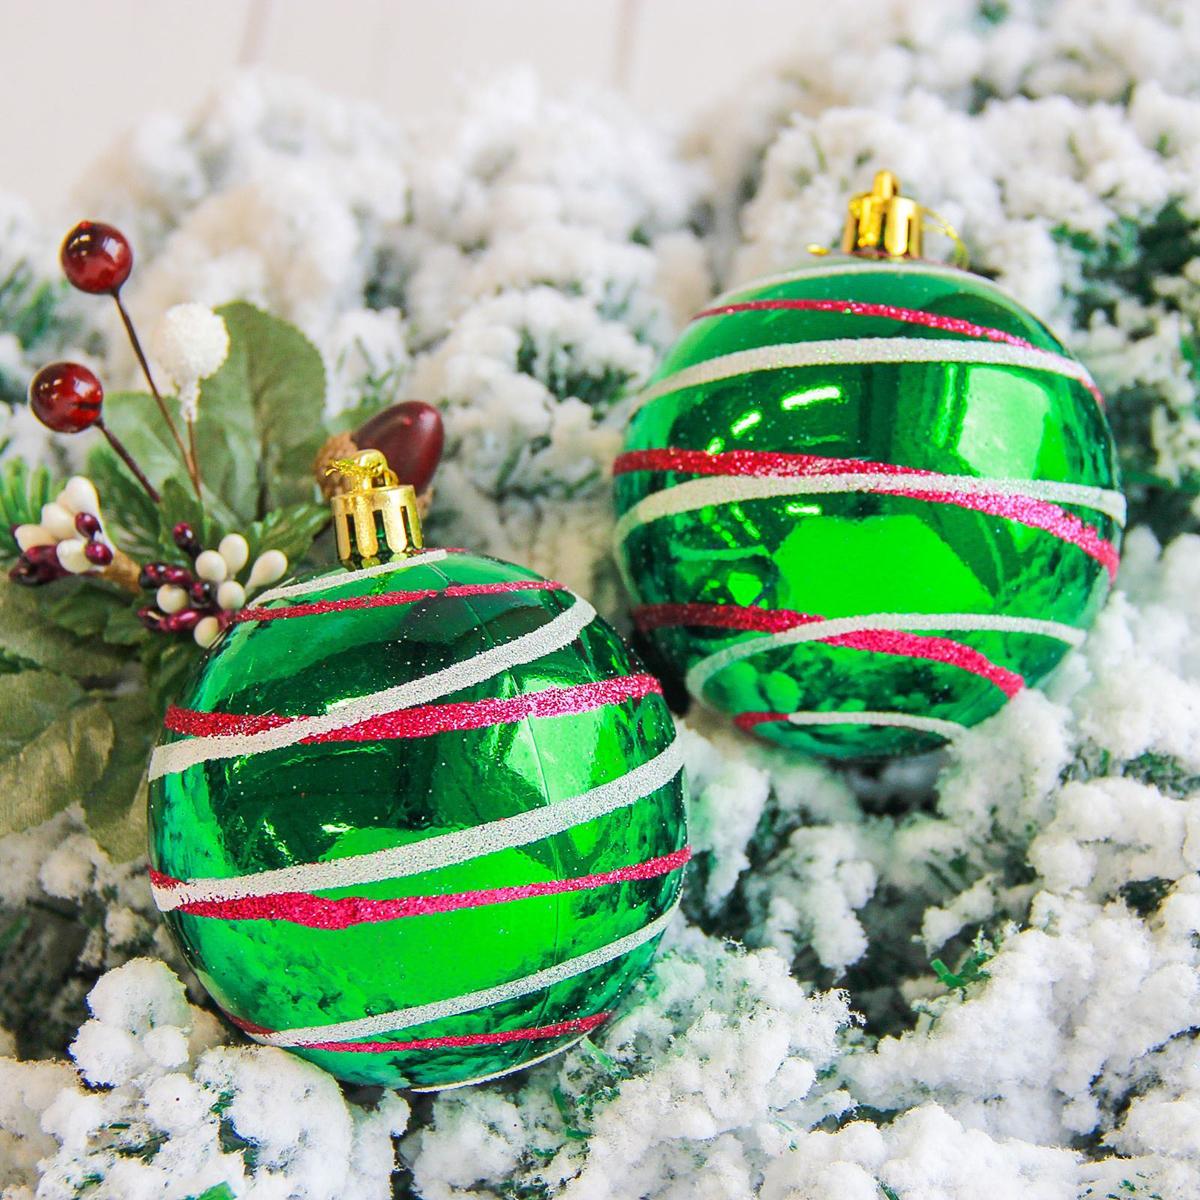 Набор новогодних подвесных украшений Sima-land Орион, диаметр 8 см, 6 шт. 21781922178192Набор новогодних подвесных украшений Sima-land отлично подойдет для декорации вашего дома и новогодней ели. С помощью специальной петельки украшение можно повесить в любом понравившемся вам месте. Но, конечно, удачнее всего оно будет смотреться на праздничной елке. Елочная игрушка - символ Нового года. Она несет в себе волшебство и красоту праздника. Создайте в своем доме атмосферу веселья и радости, украшая новогоднюю елку нарядными игрушками, которые будут из года в год накапливать теплоту воспоминаний.